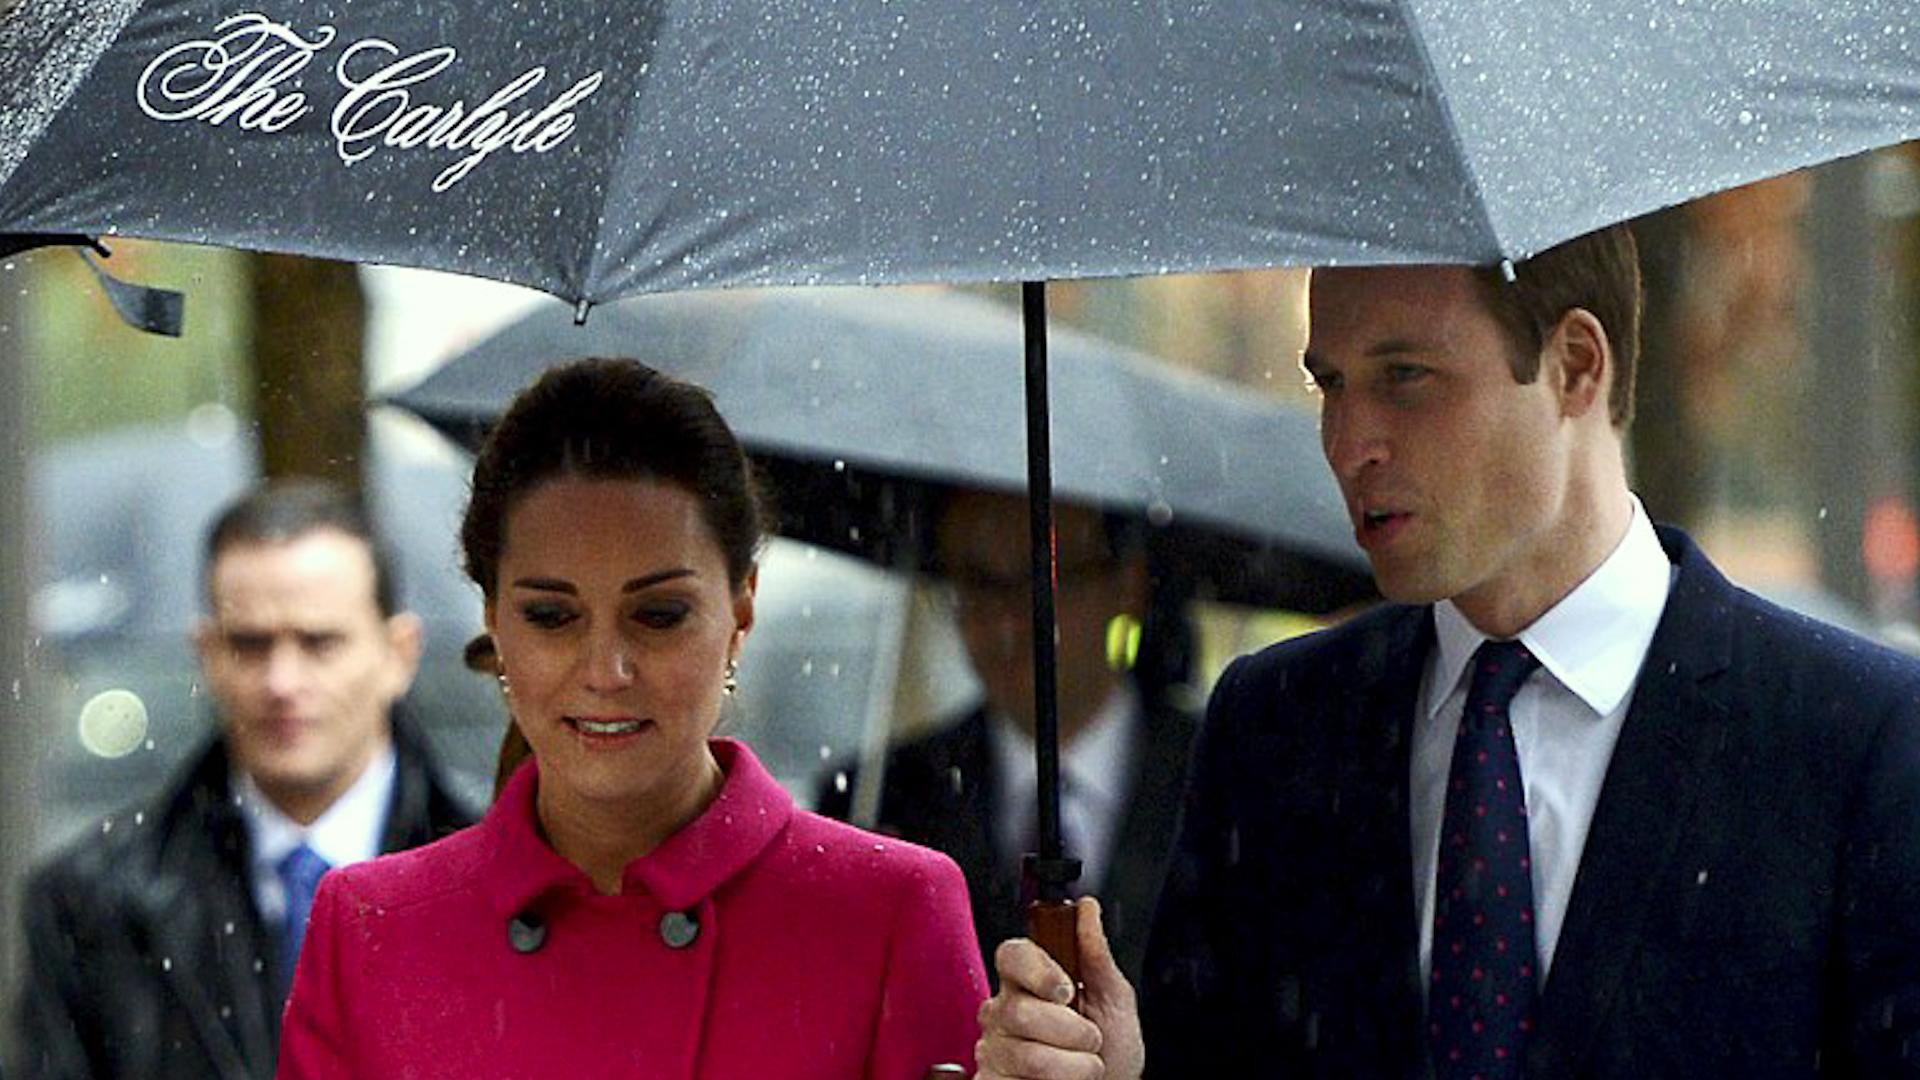 總統偷情飯店曝光 英國皇室、喬治克隆尼大咖都住這《瑰麗卡萊爾:浮華紐約》一探究竟